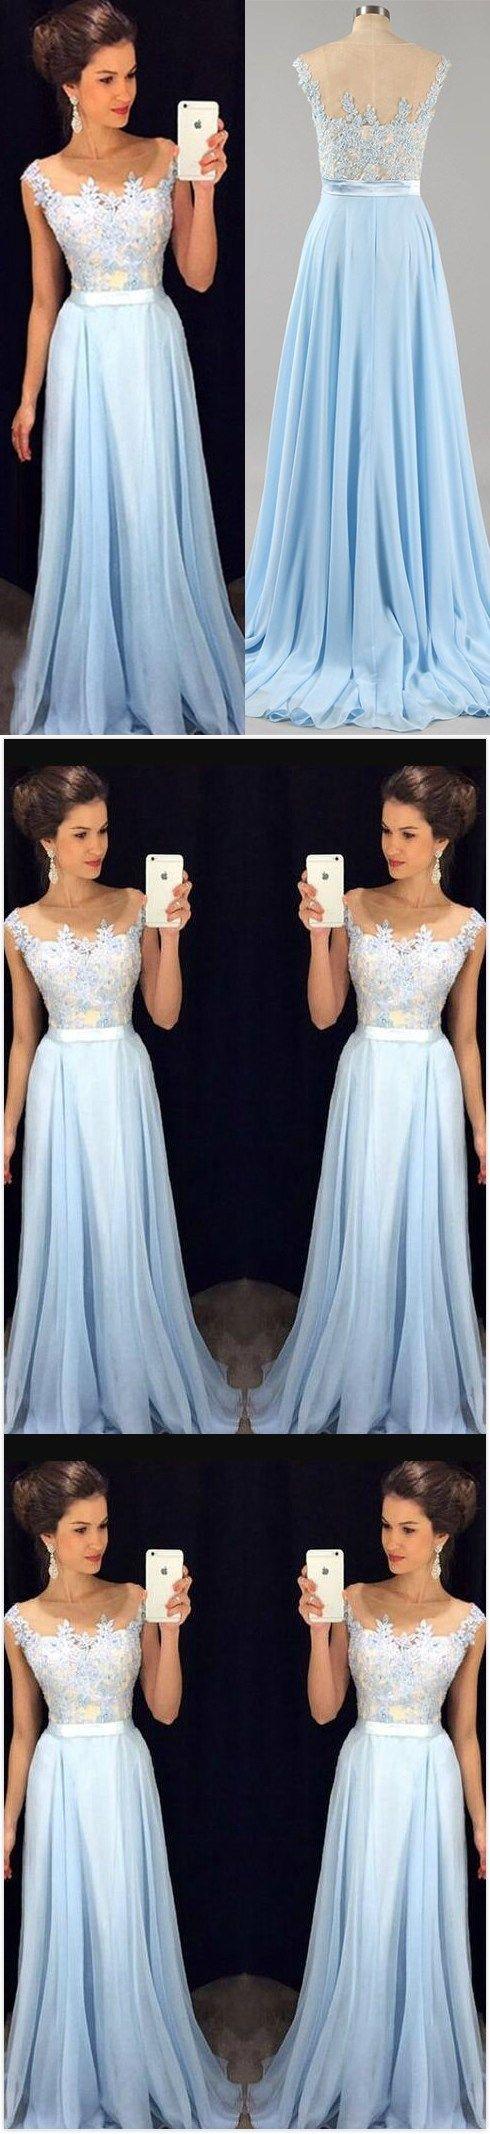 Lace prom dresssexy prom dressfashion prom dresscheap prom dress